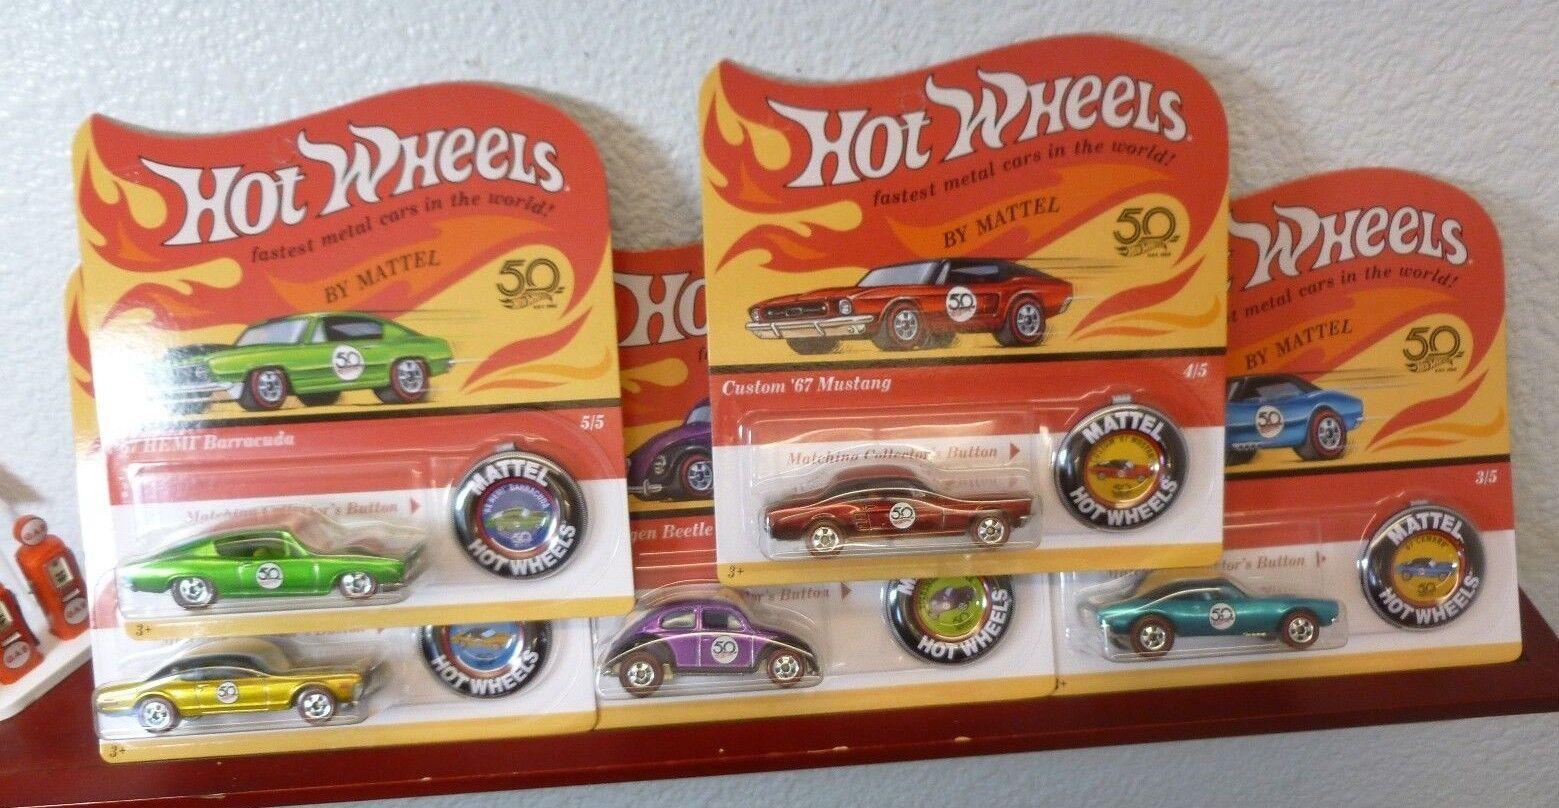 Hay más marcas de productos de alta calidad. Lote de 5 con error 2018 Hot Wheels 50th Aniversario Aniversario Aniversario Set Barracuda Camaro Mustang +  envío gratuito a nivel mundial